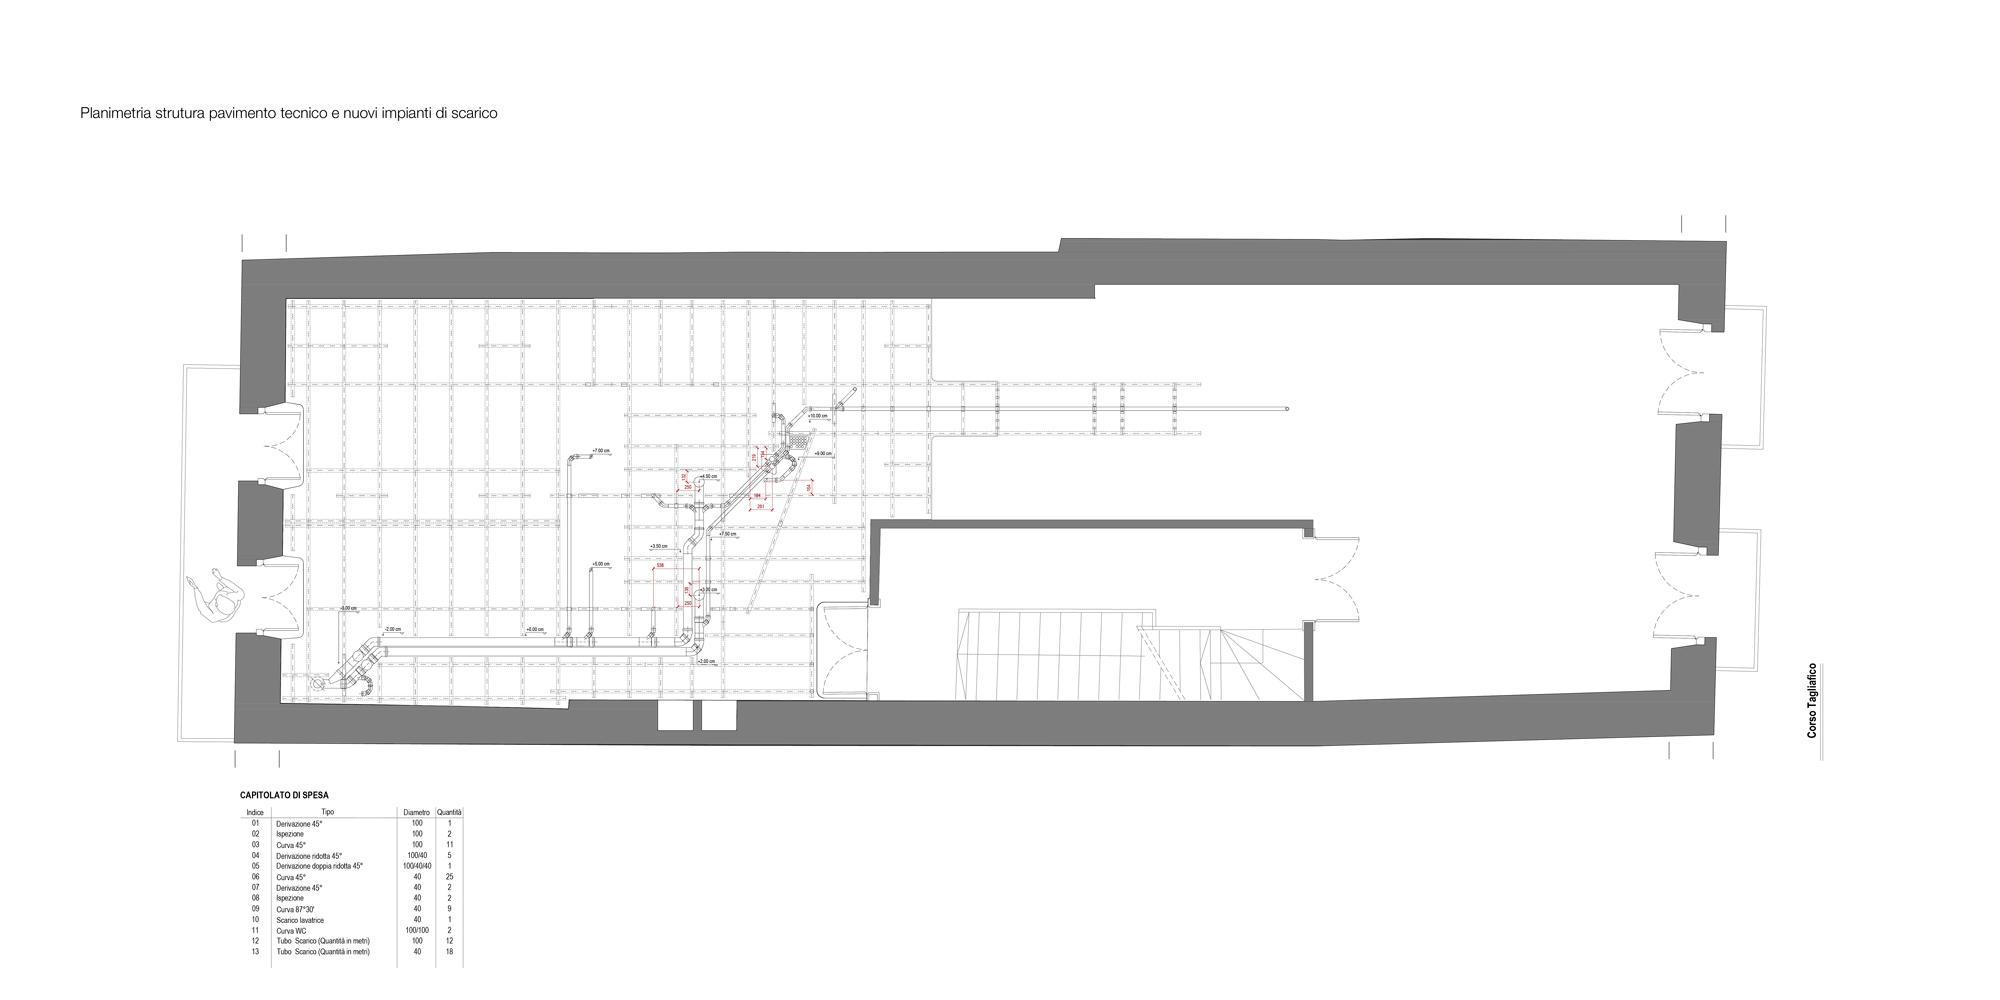 Planimetria nuovo impianto di scarico. Le nuove installazioni sono state progettate in modo integrato col resto delle strutture e realizzate senza interventi invasivi. }